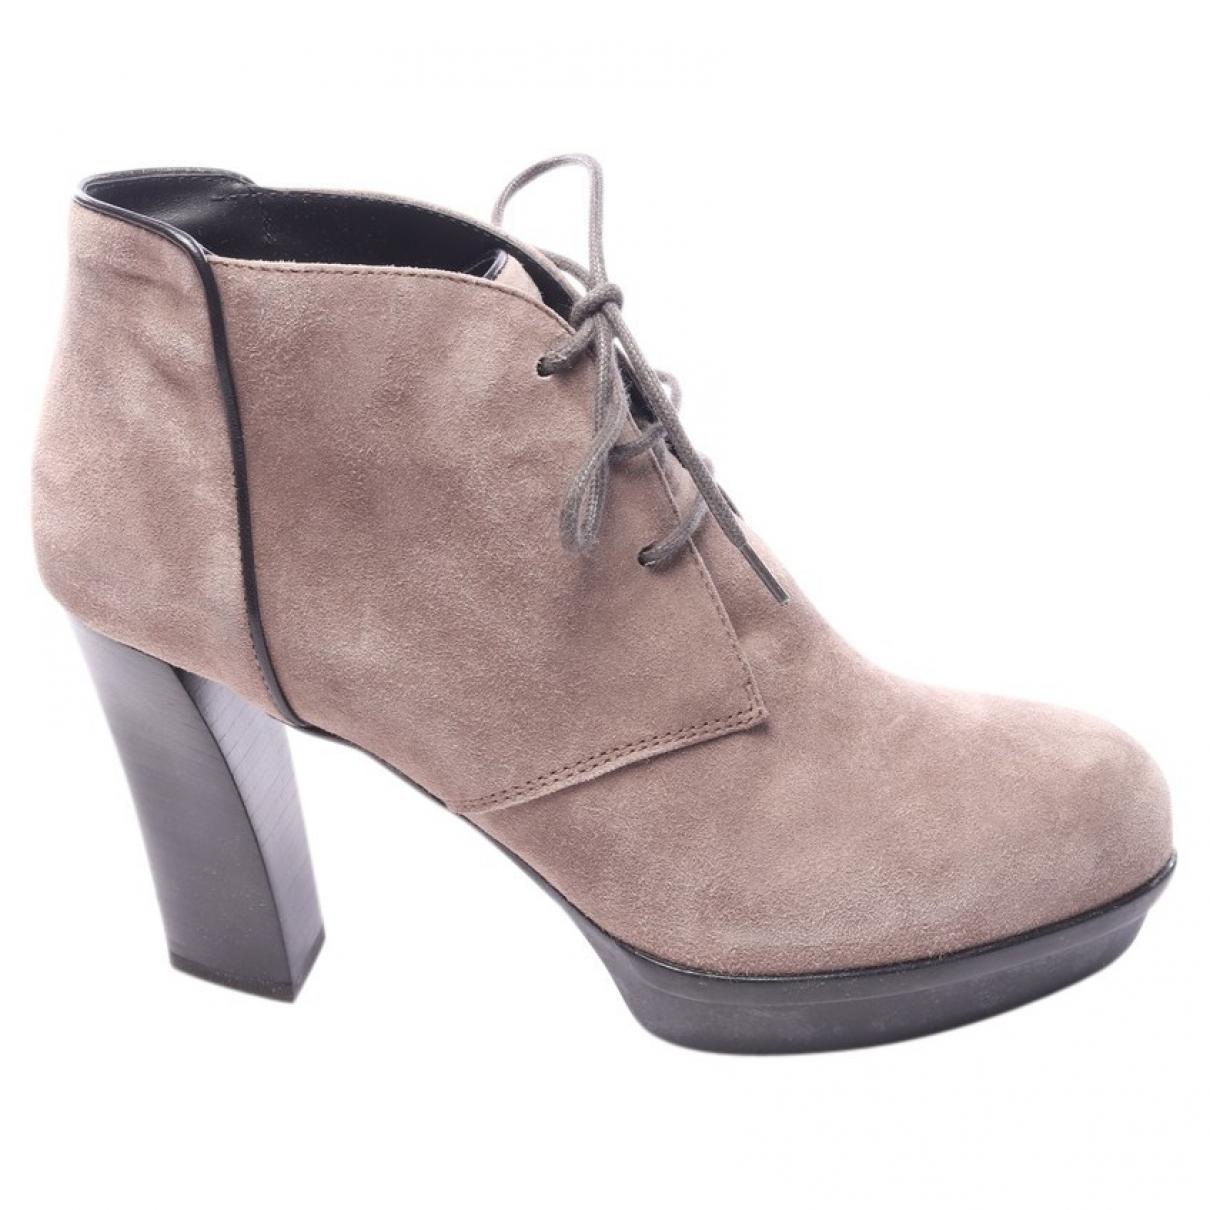 Tods - Boots   pour femme en cuir - marron